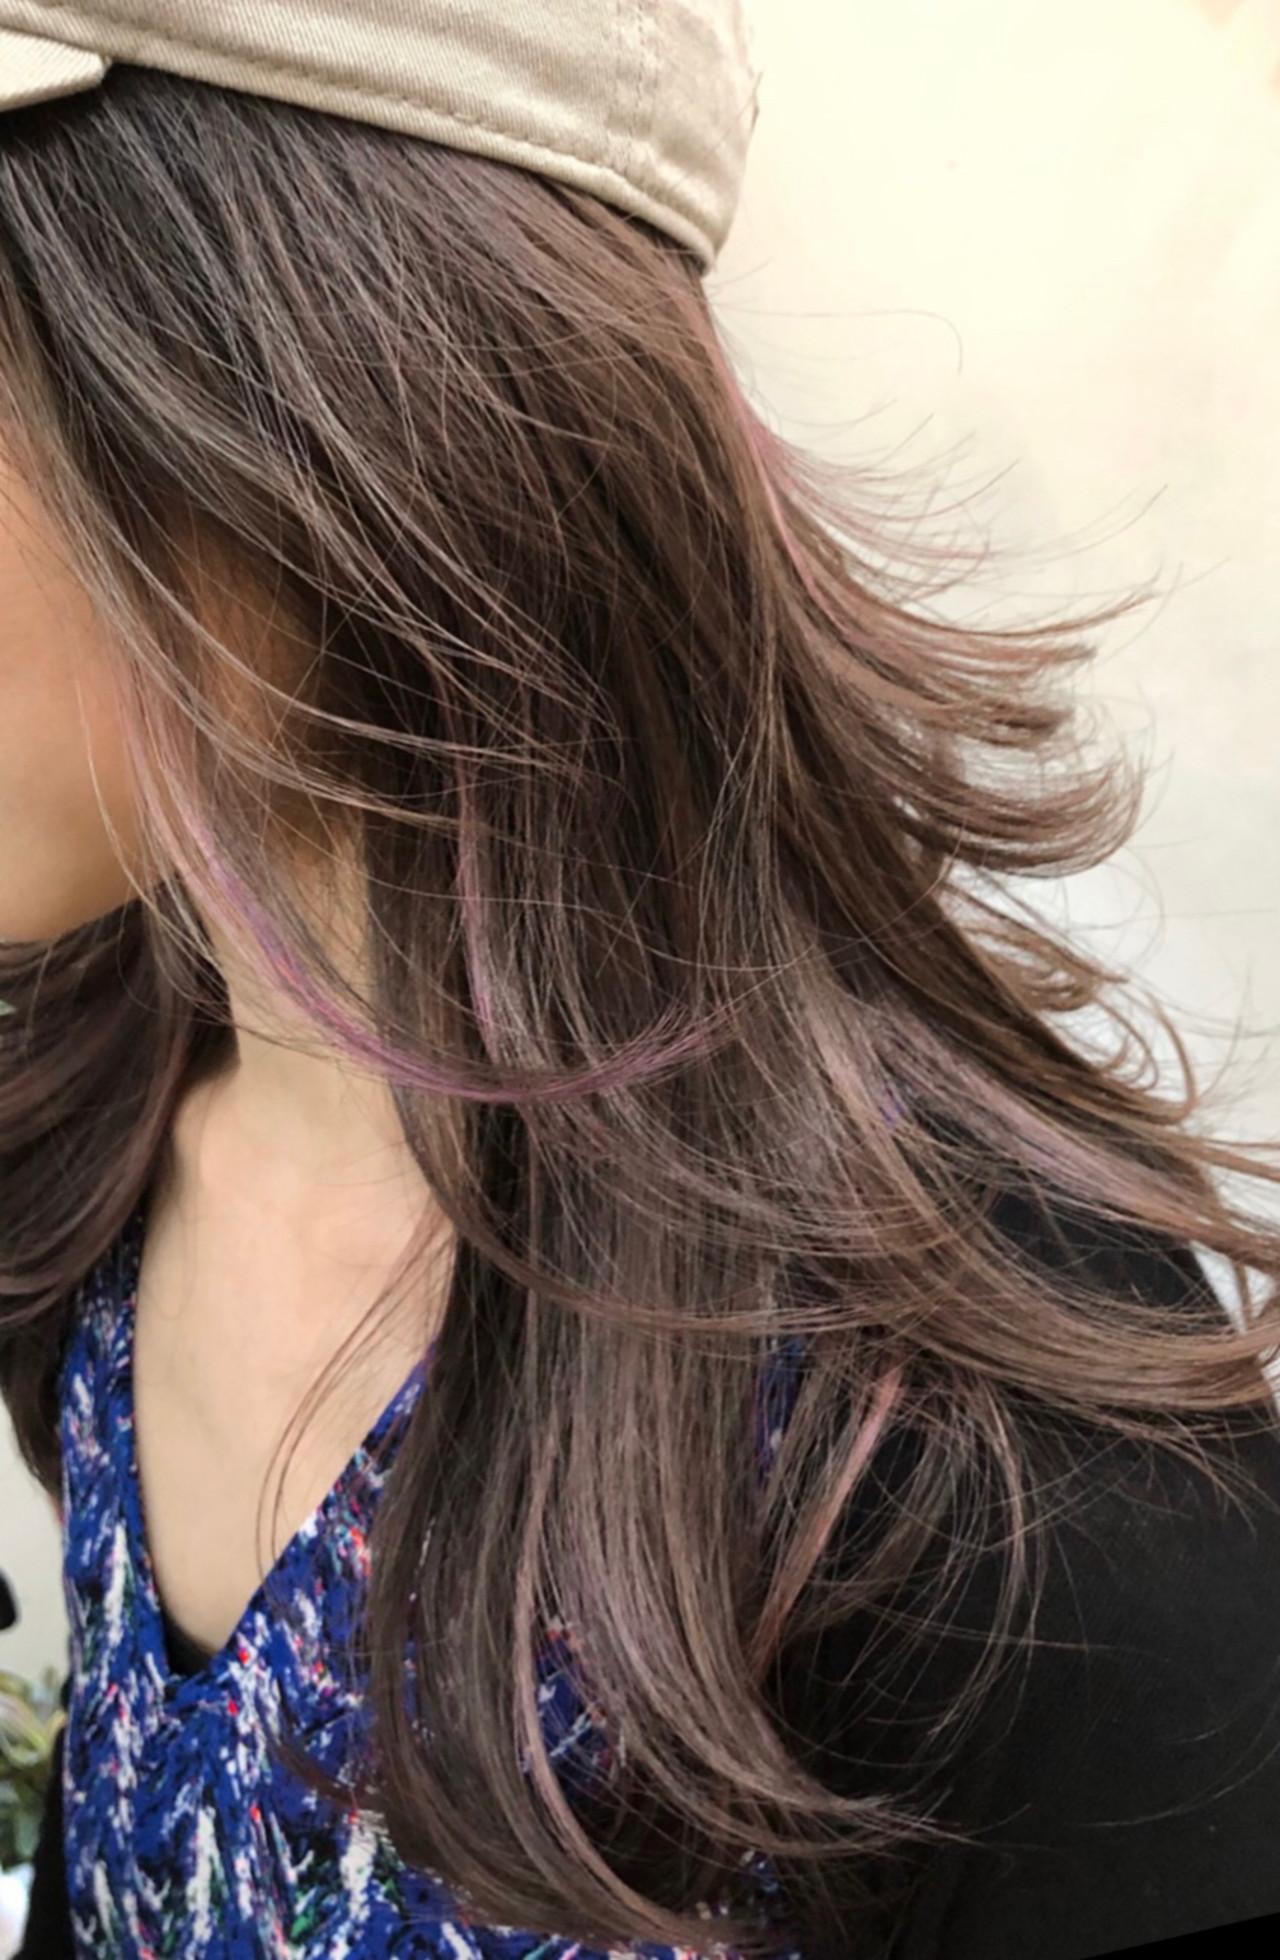 グラデーションカラー ハイライト ミディアム バレイヤージュ ヘアスタイルや髪型の写真・画像 | RUMINA //高田ゆみこ / Rumina